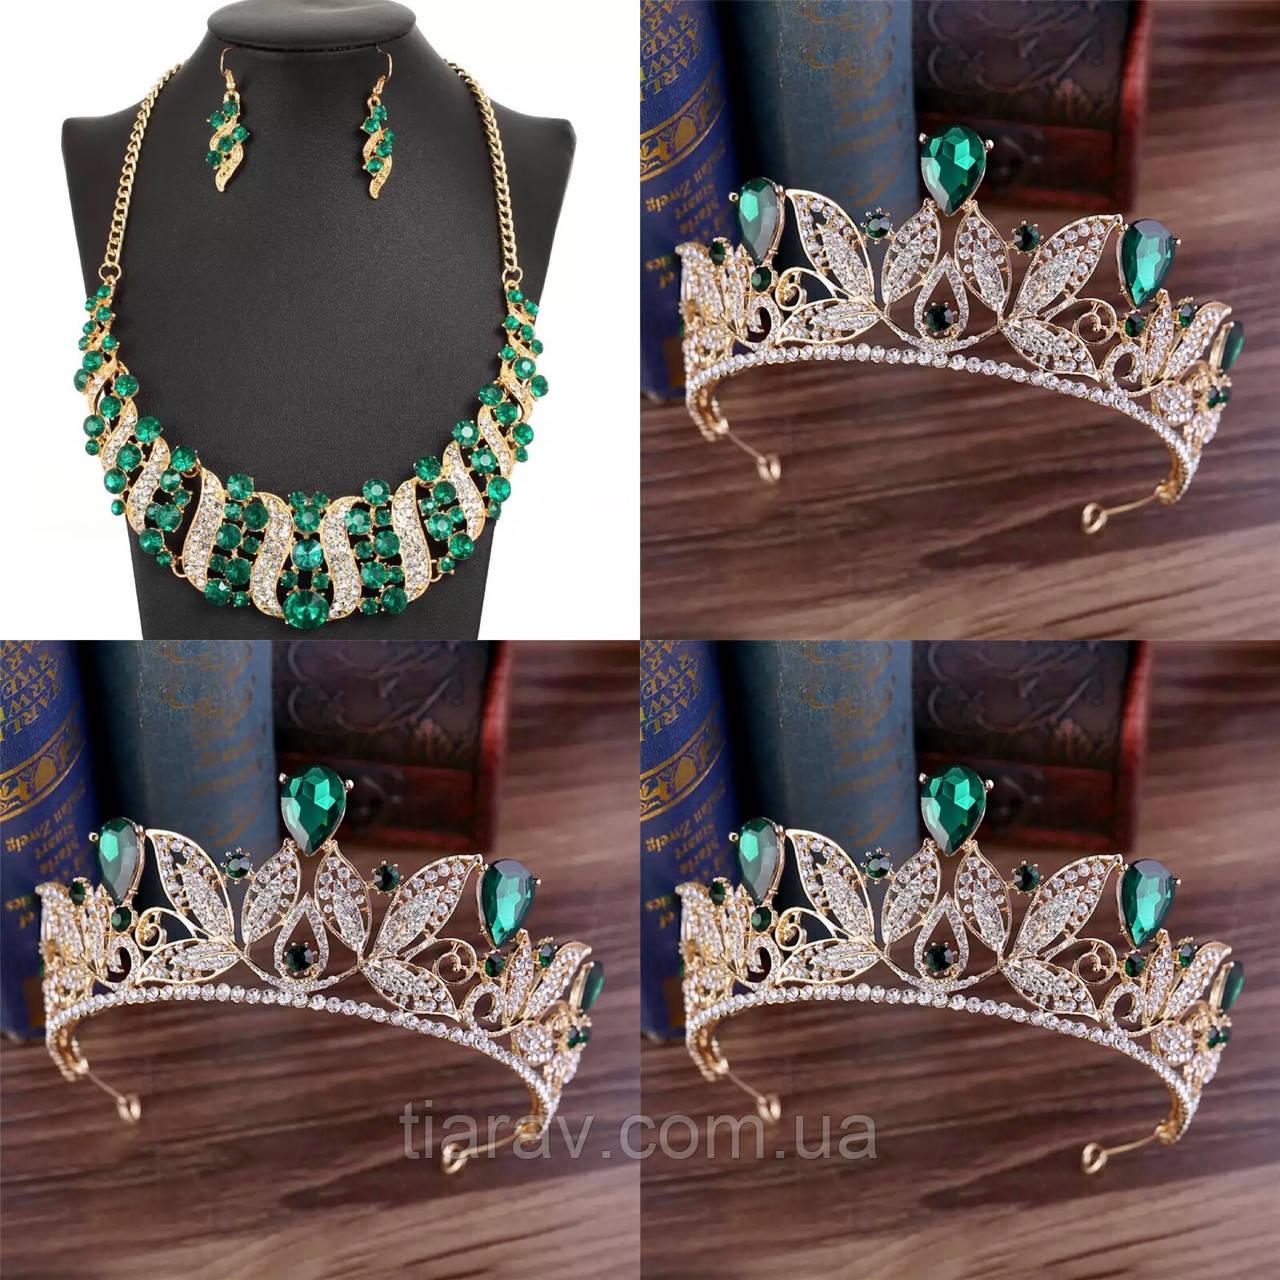 Тиара и серьги с зелёными камнями, корона диадема, колье и серьги